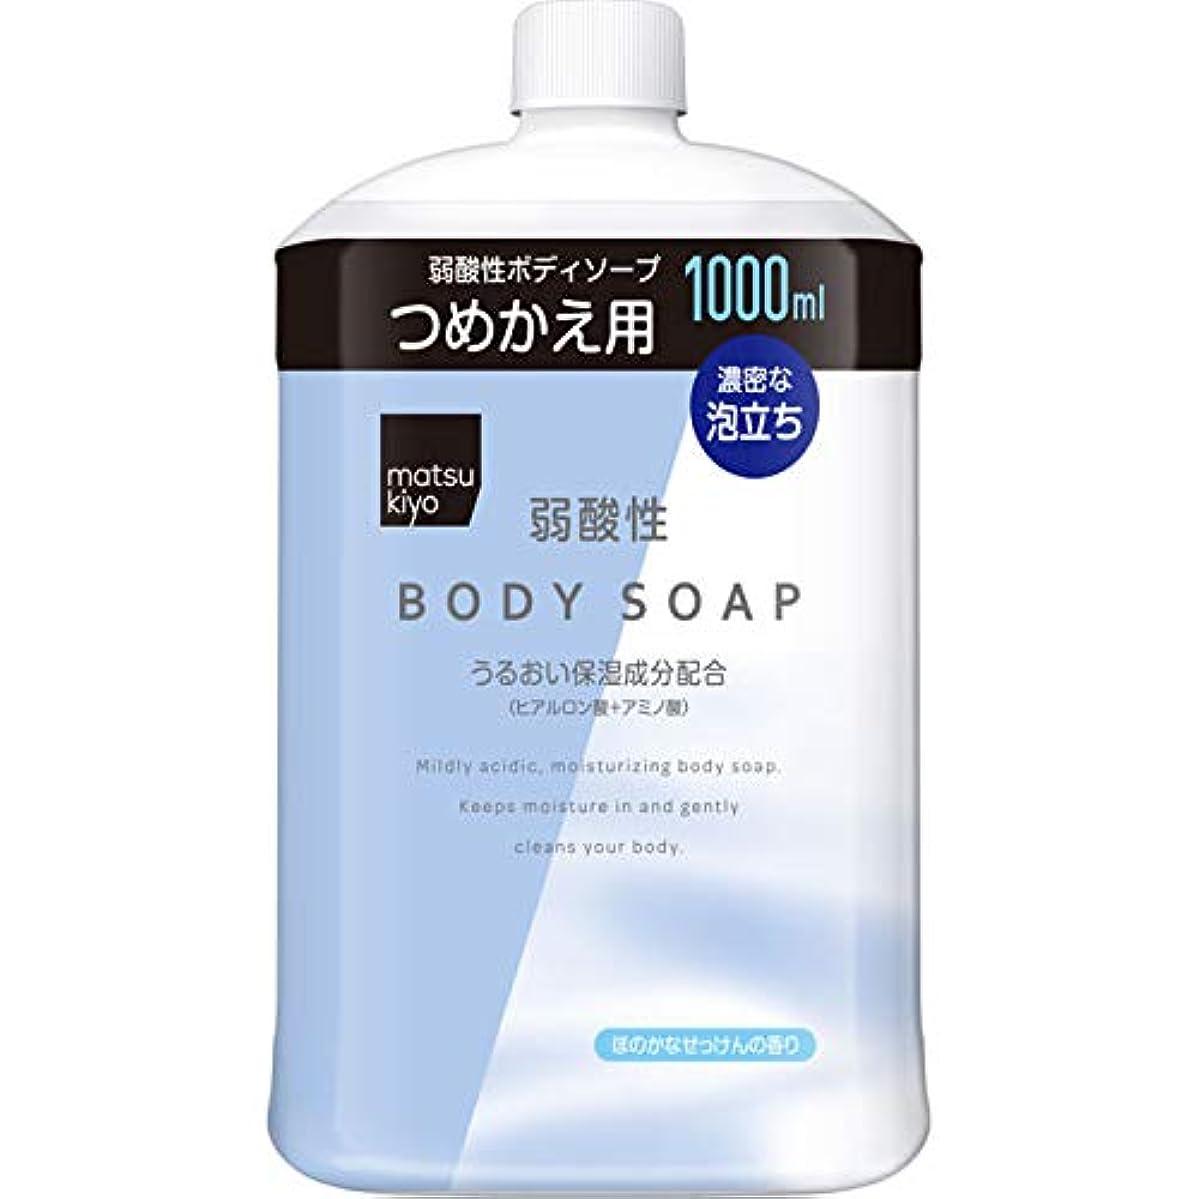 ベットスクラップブックマラドロイトmatsukiyo 弱酸性ボディソープ 1000ml詰替ボトル